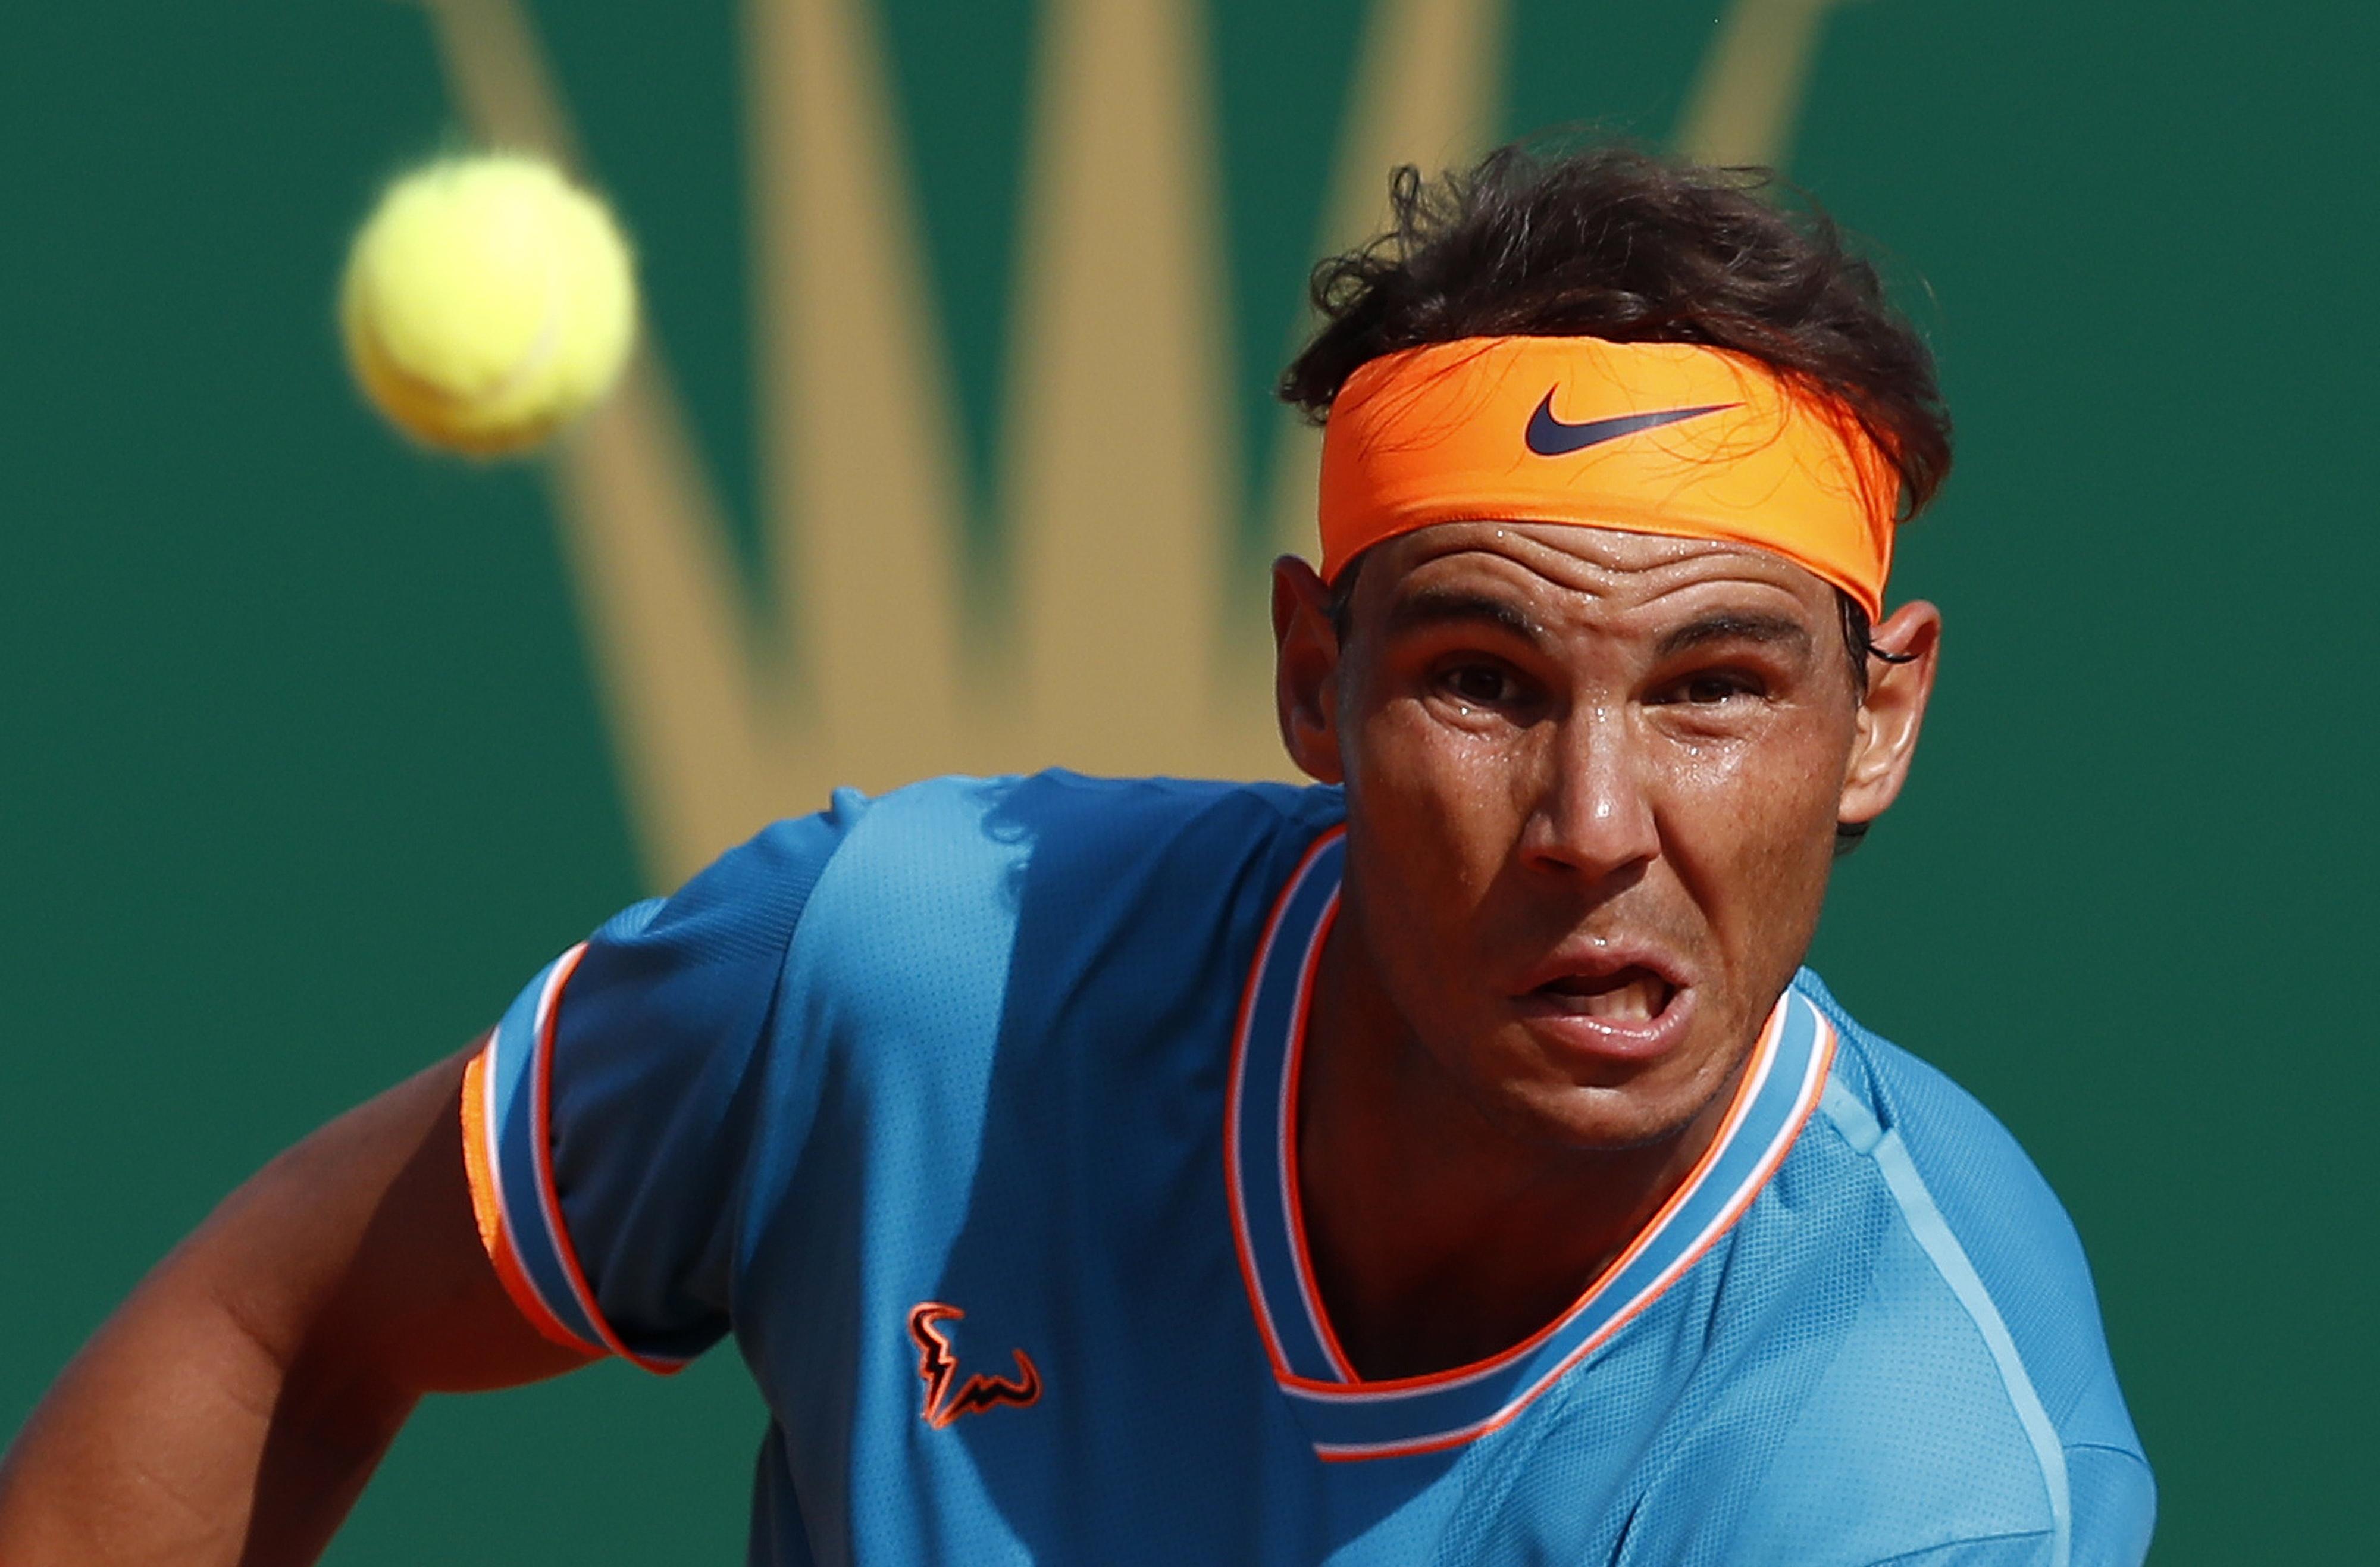 Tenista espanhol Nadal nas meias-finais de Monte Carlo, ao superar Pella